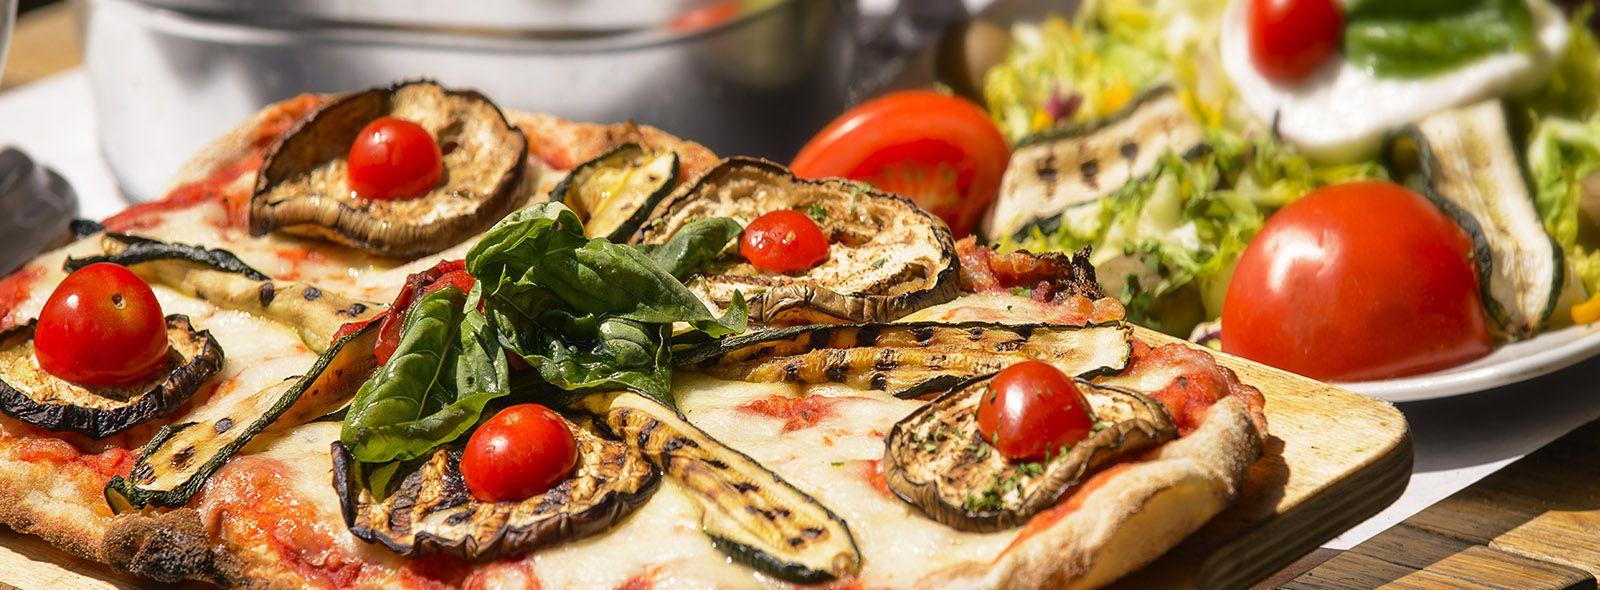 Dove ordinare pizza senza glutine a domicilio a Roma